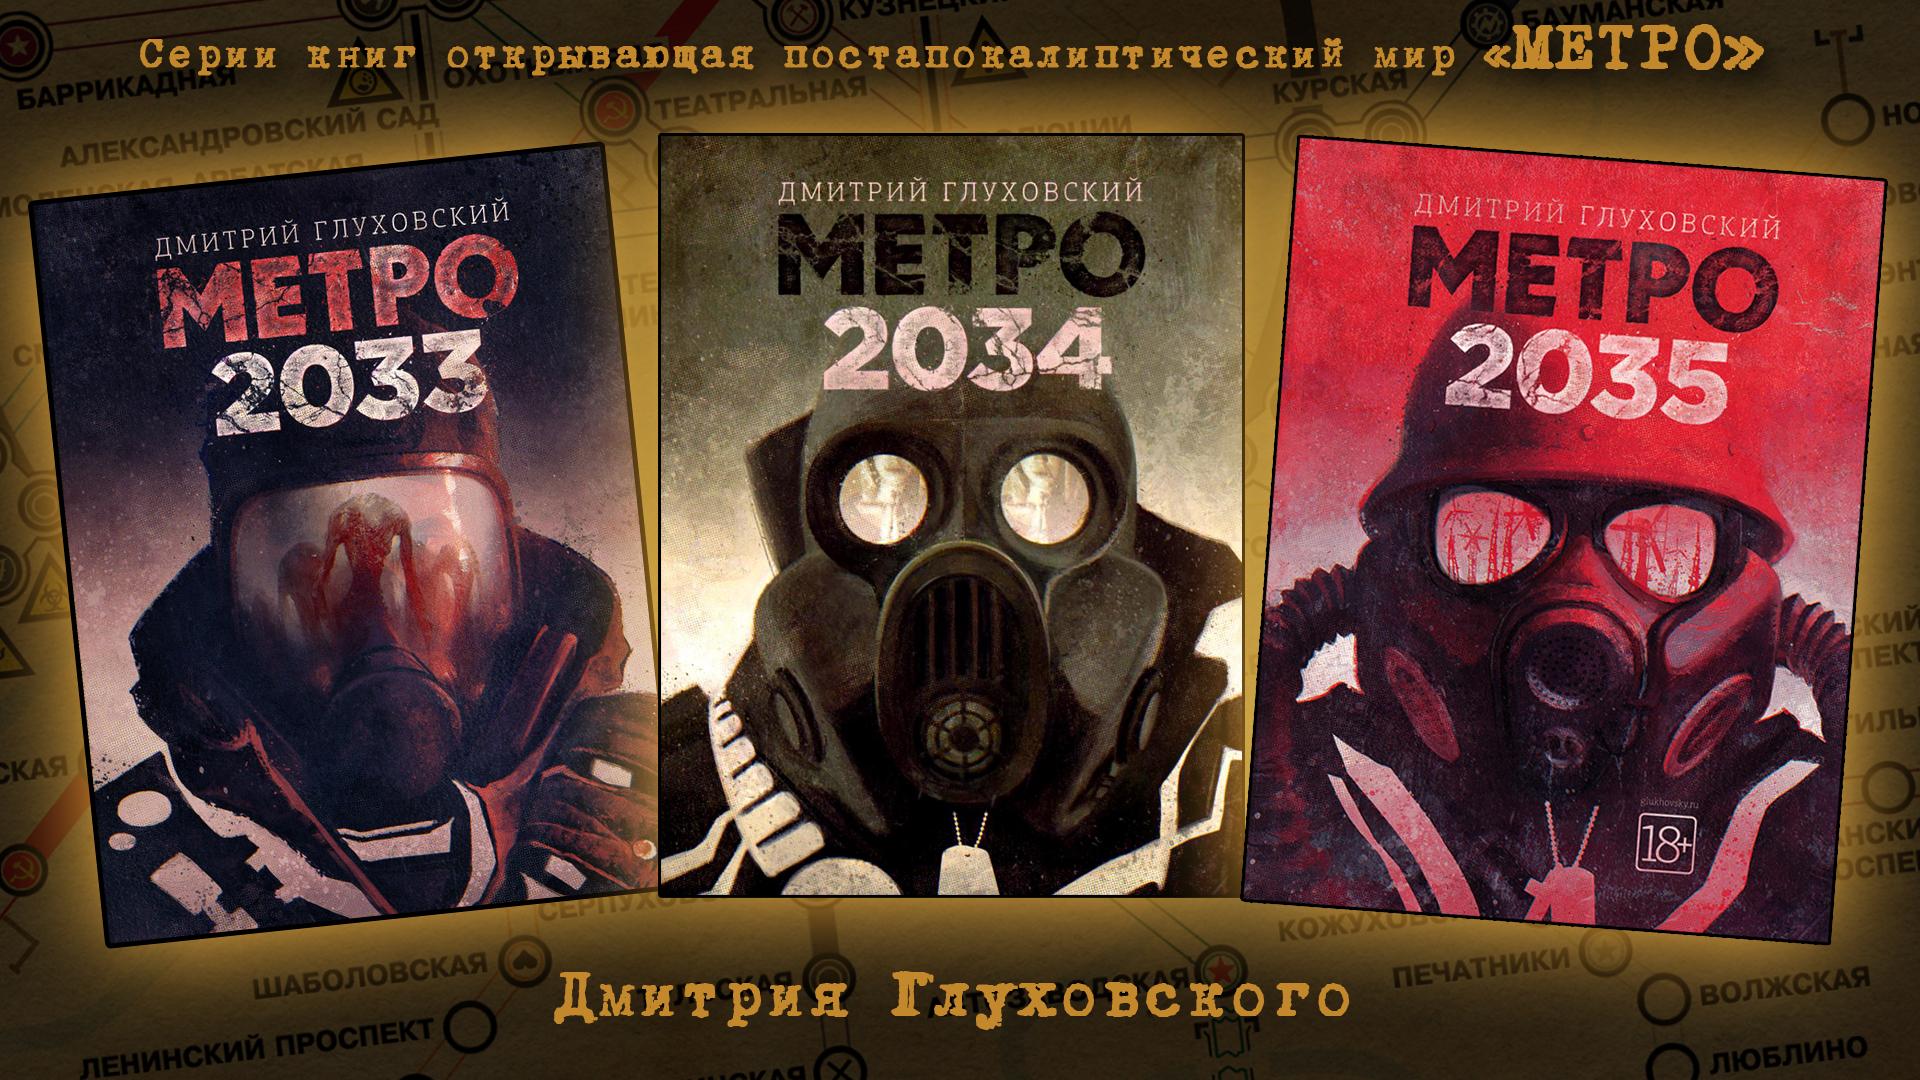 ГЛУХОВСКИЙ ДМИТРИЙ АЛЕКСЕЕВИЧ МЕТРО 2034 СКАЧАТЬ БЕСПЛАТНО